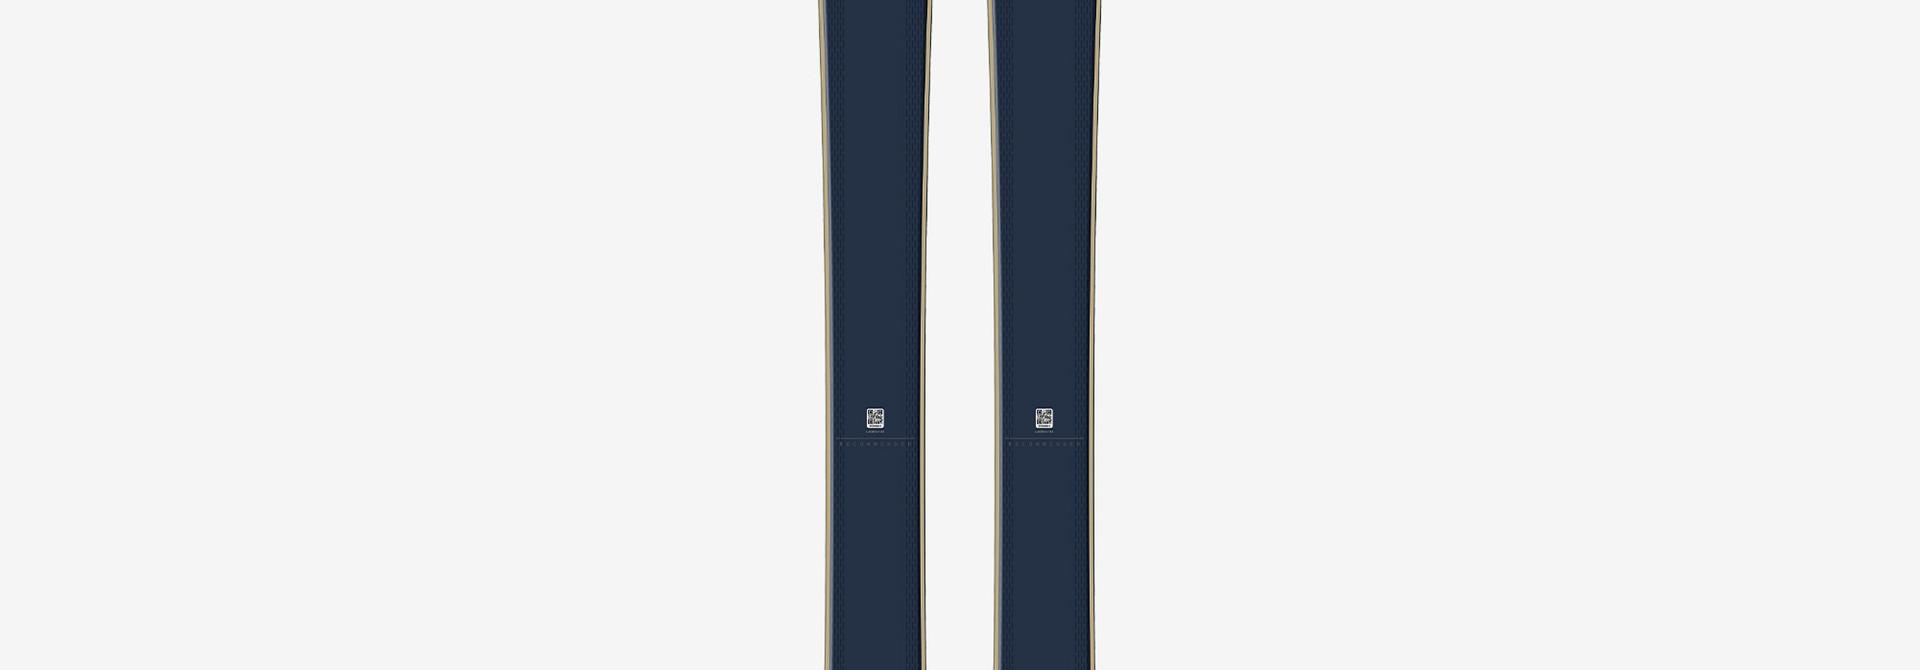 QST 99 Dark Blue/BEIGE